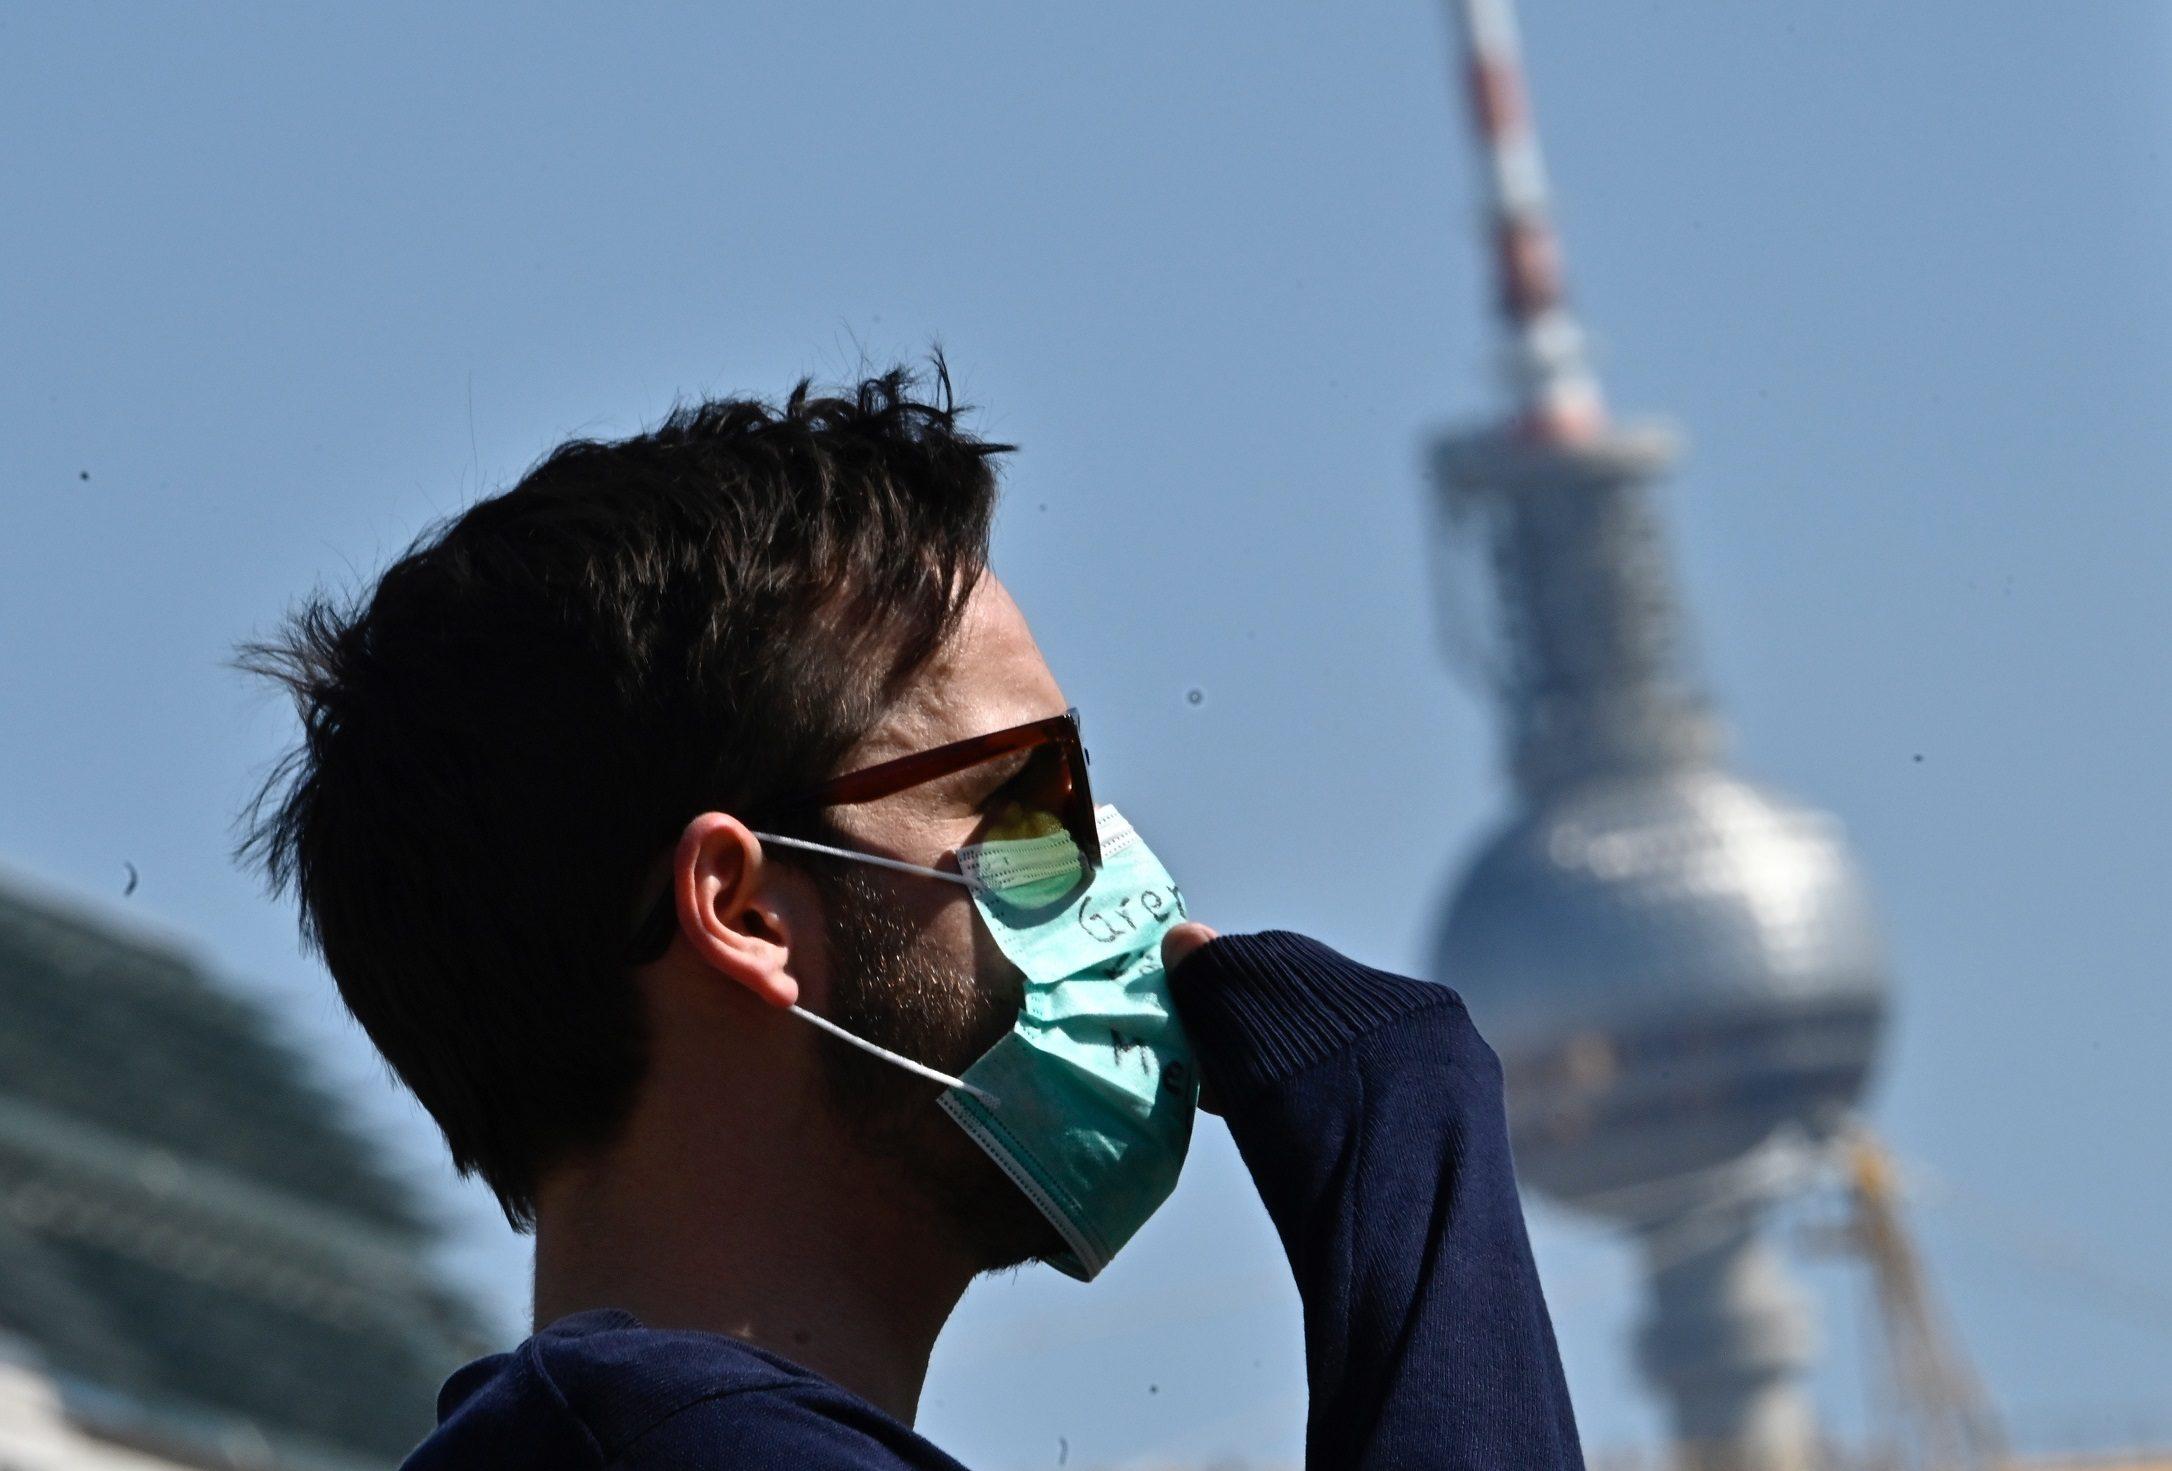 'ฮู' กลับลำ แนะ ควรสวมหน้ากากอนามัย จำกัดการแพร่ระบาด โควิด-19